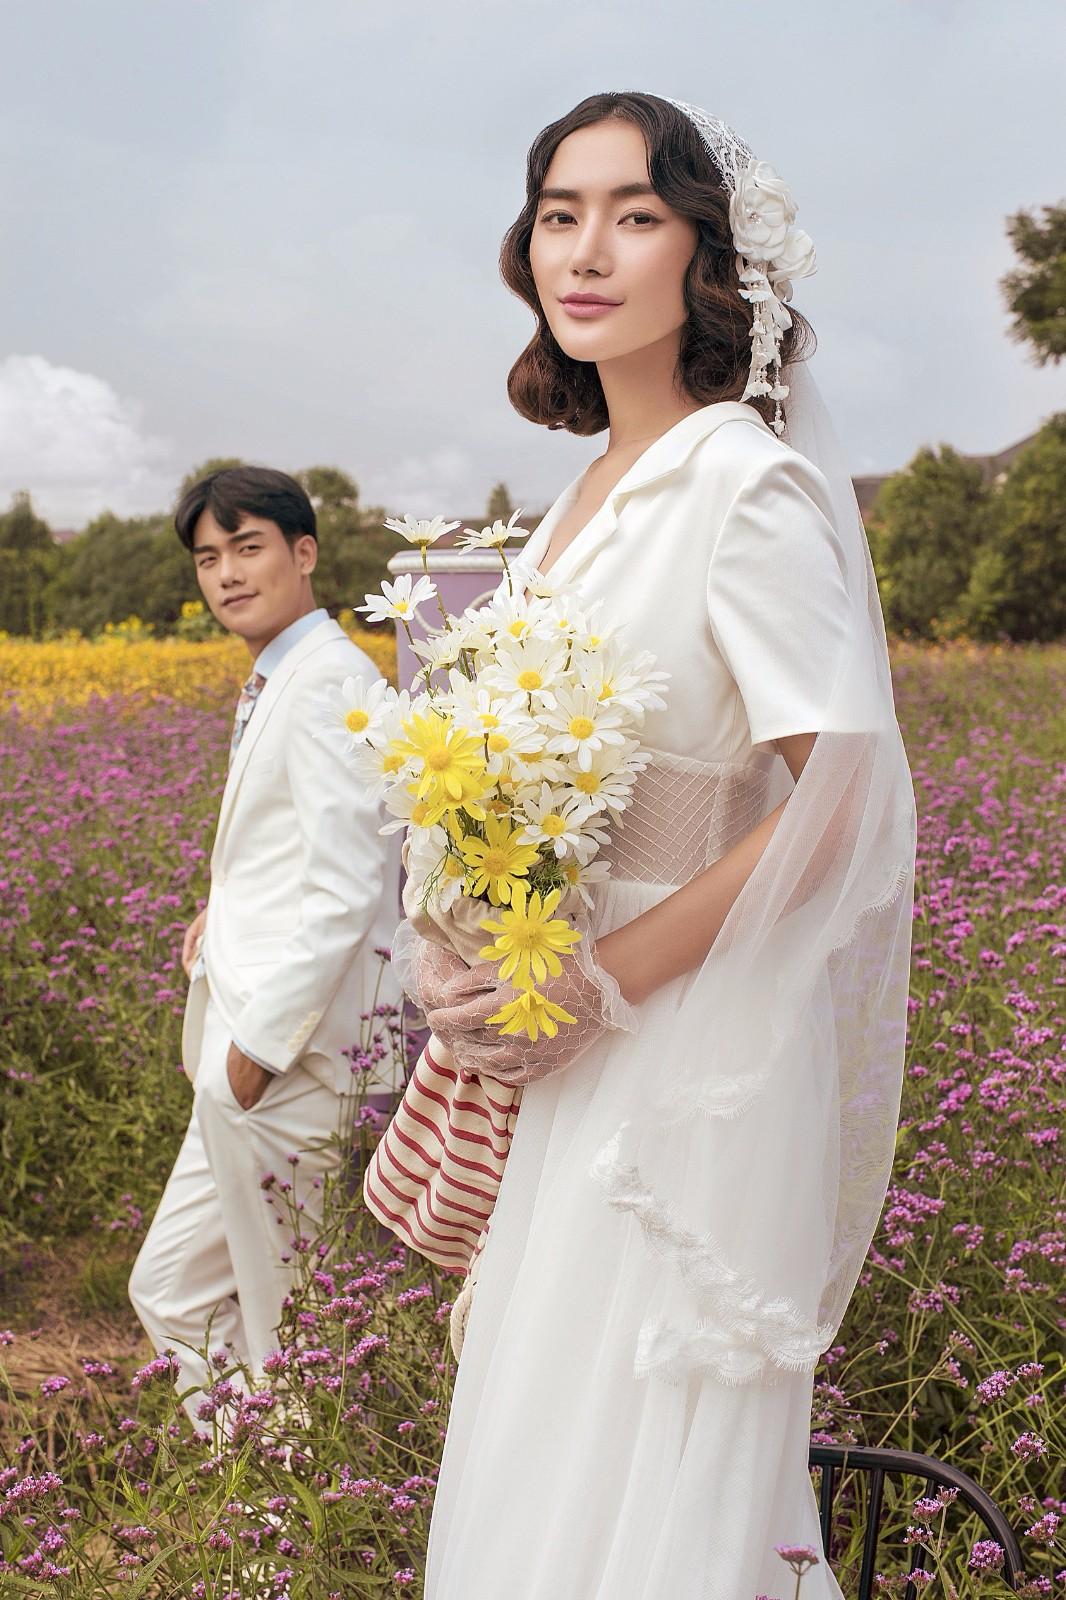 一字眉怎么画新娘更显年轻?新娘掌握一字眉画法的重要性